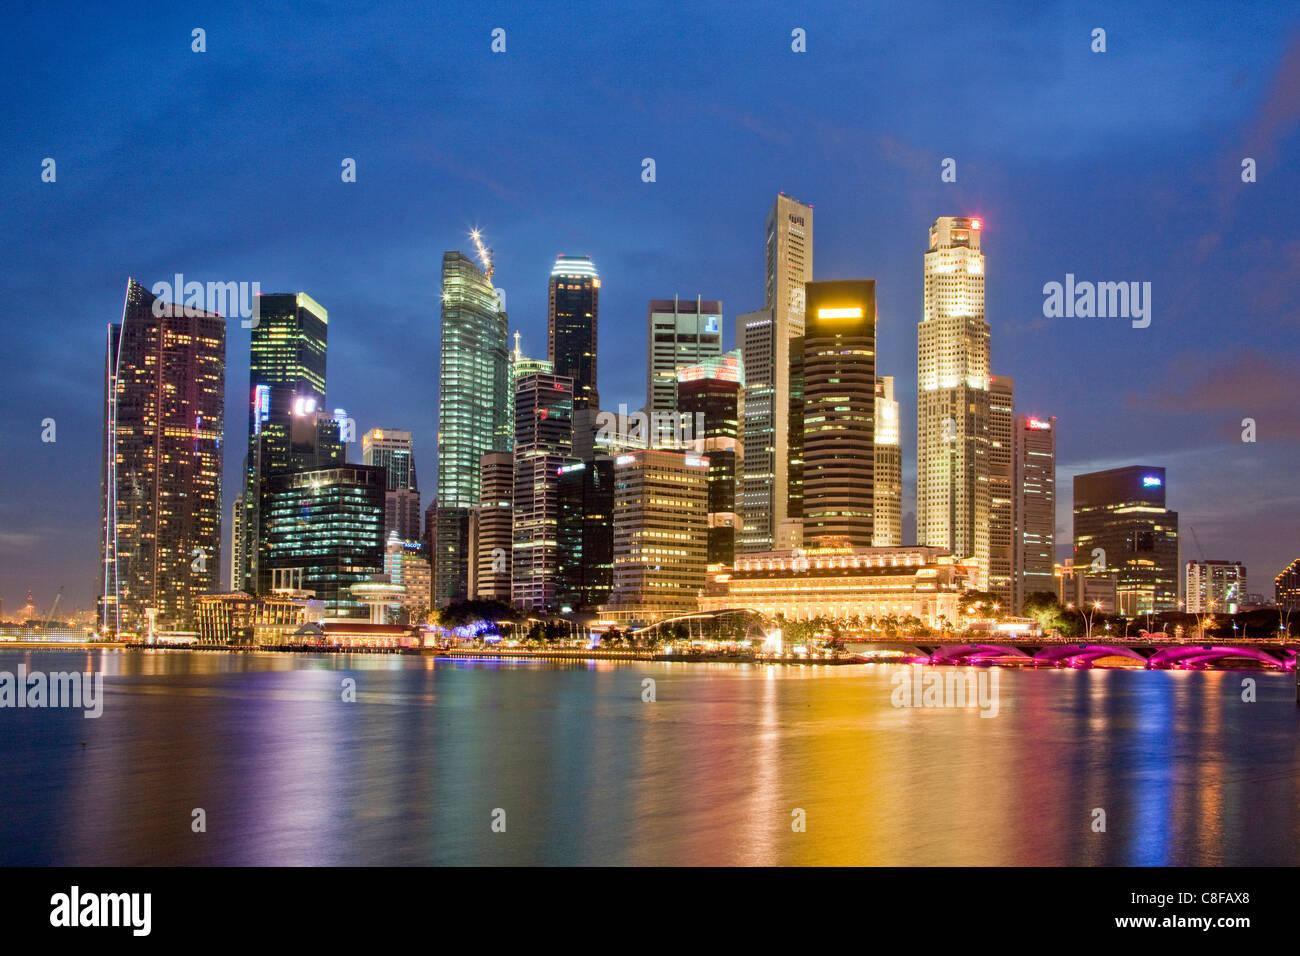 Singapur, Asien, Skyline, Wohnblocks, Hochhäuser, bei Nacht, Licht, Beleuchtung, Abend, Reflexion, Meer, Bucht Stockbild